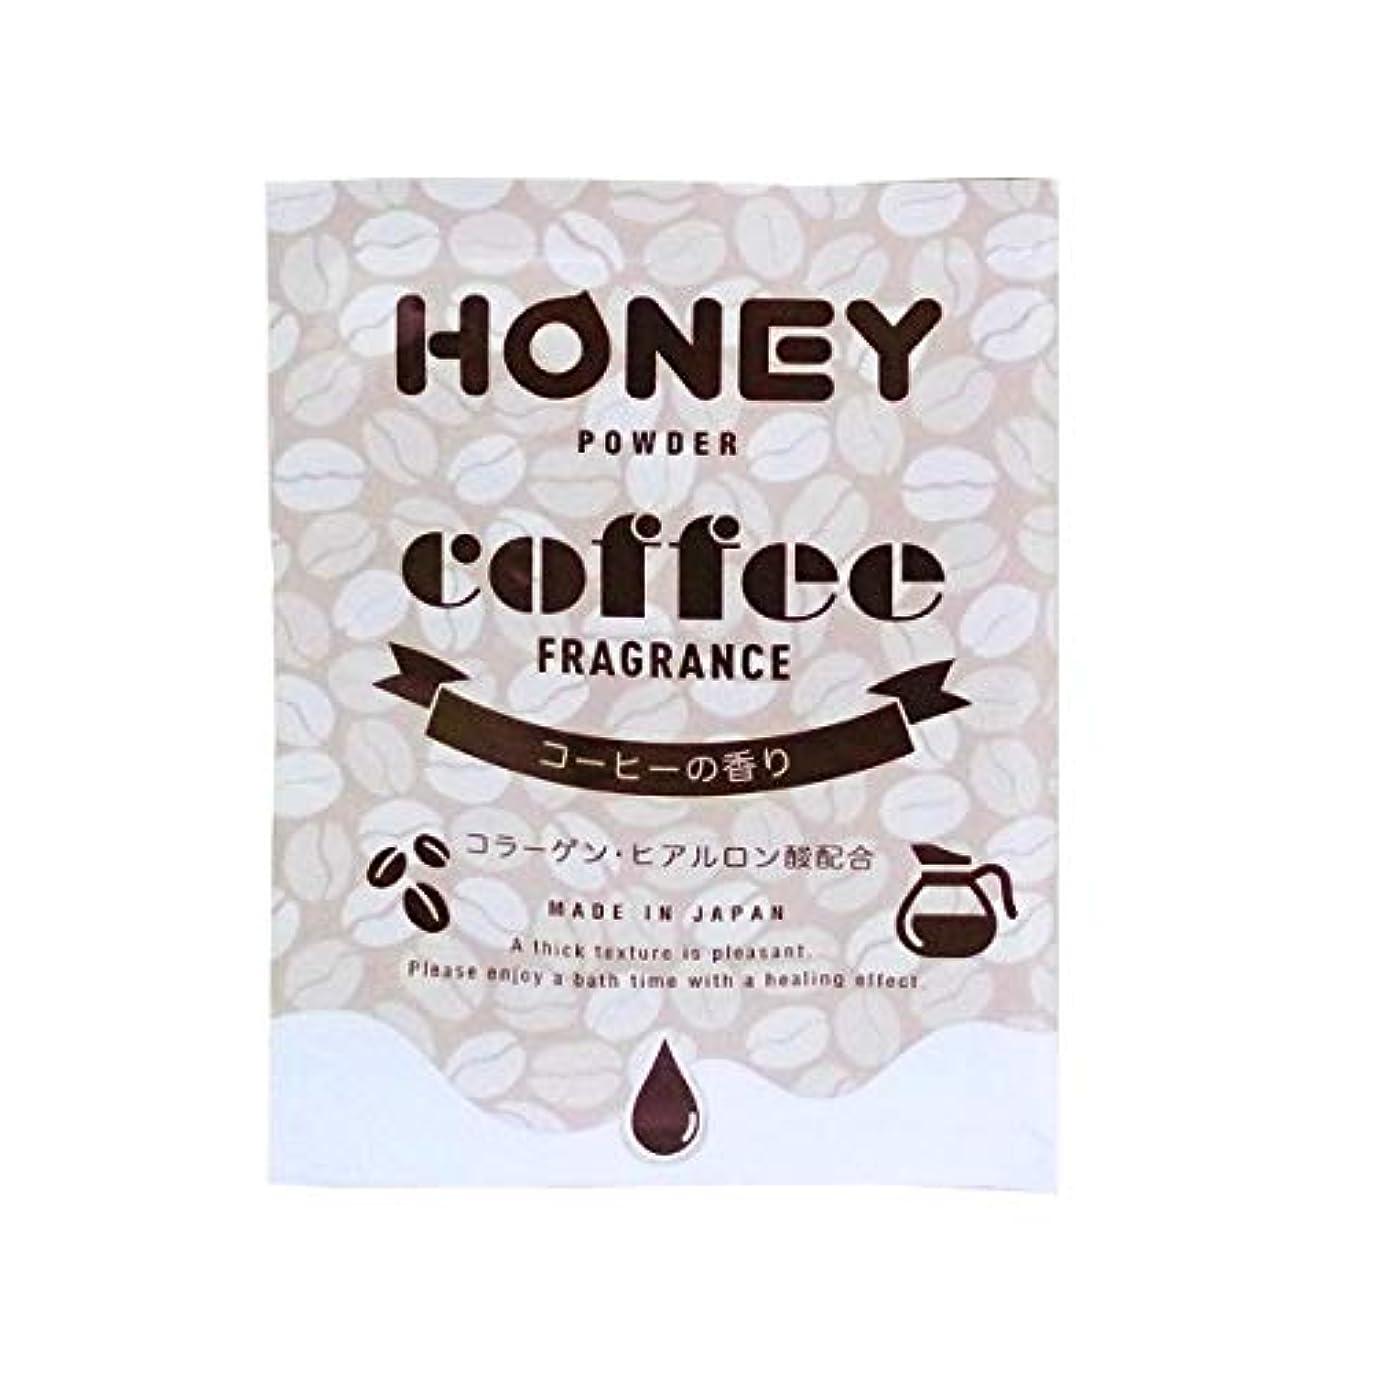 シダ元に戻す天窓とろとろ入浴剤【honey powder】(ハニーパウダー) 2個セット コーヒーの香り 粉末タイプ ローション